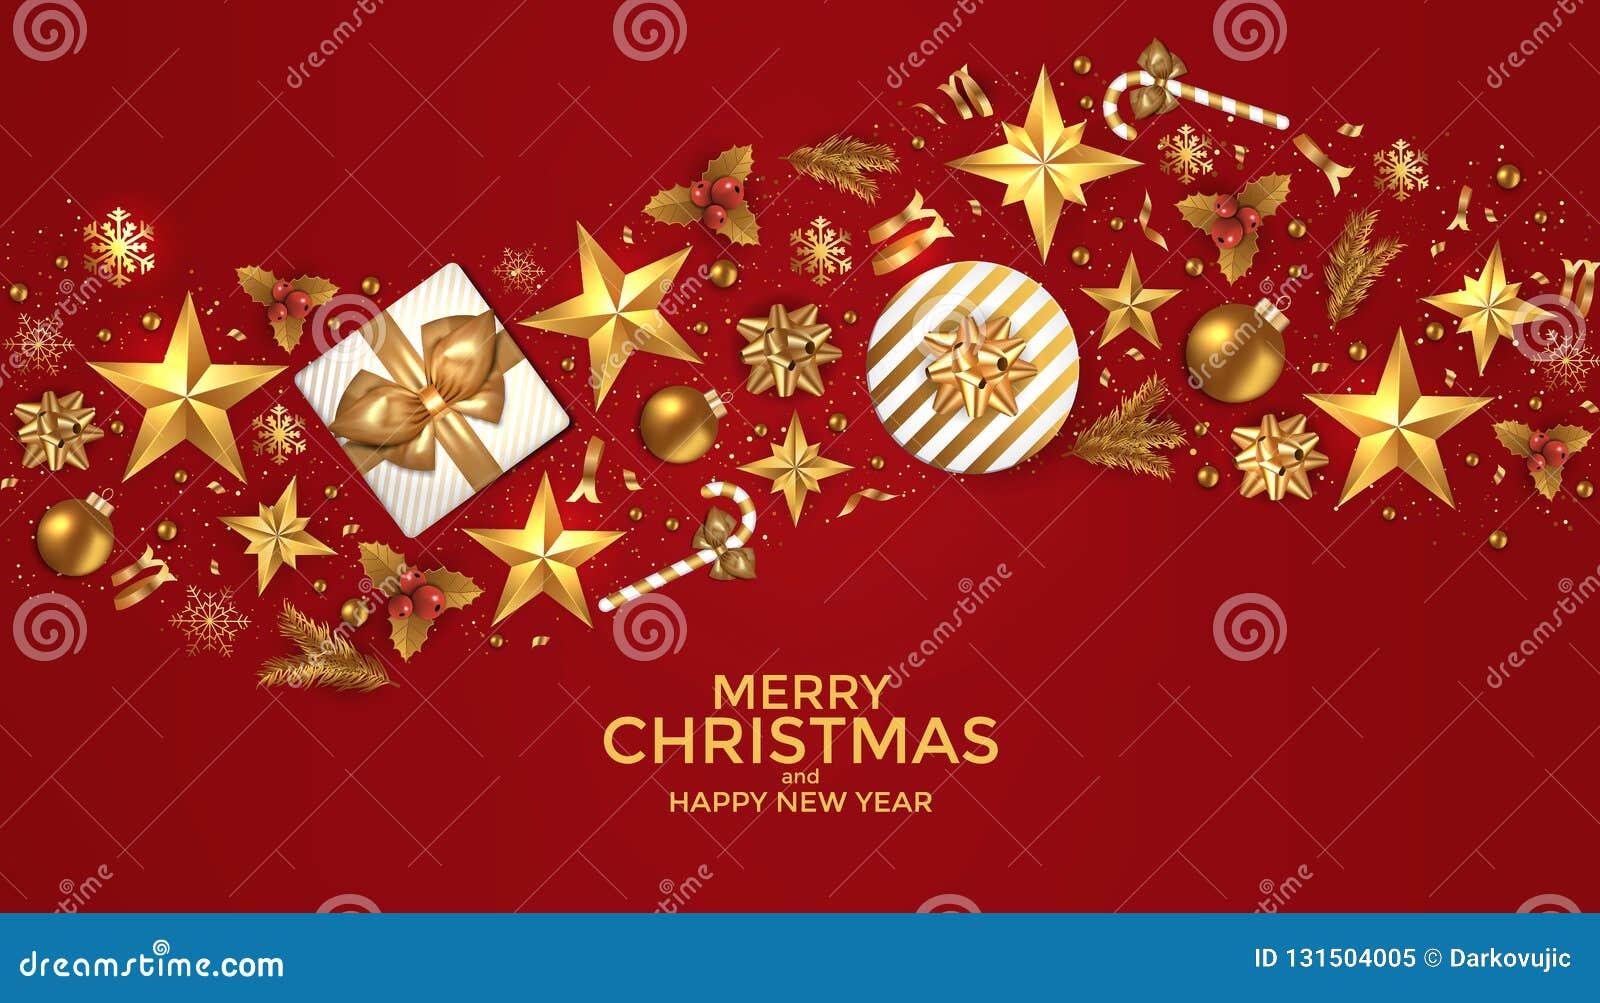 Frohe Weihnachten Und Guten Rutsch Ins Neue Jahr Hintergrunddesign